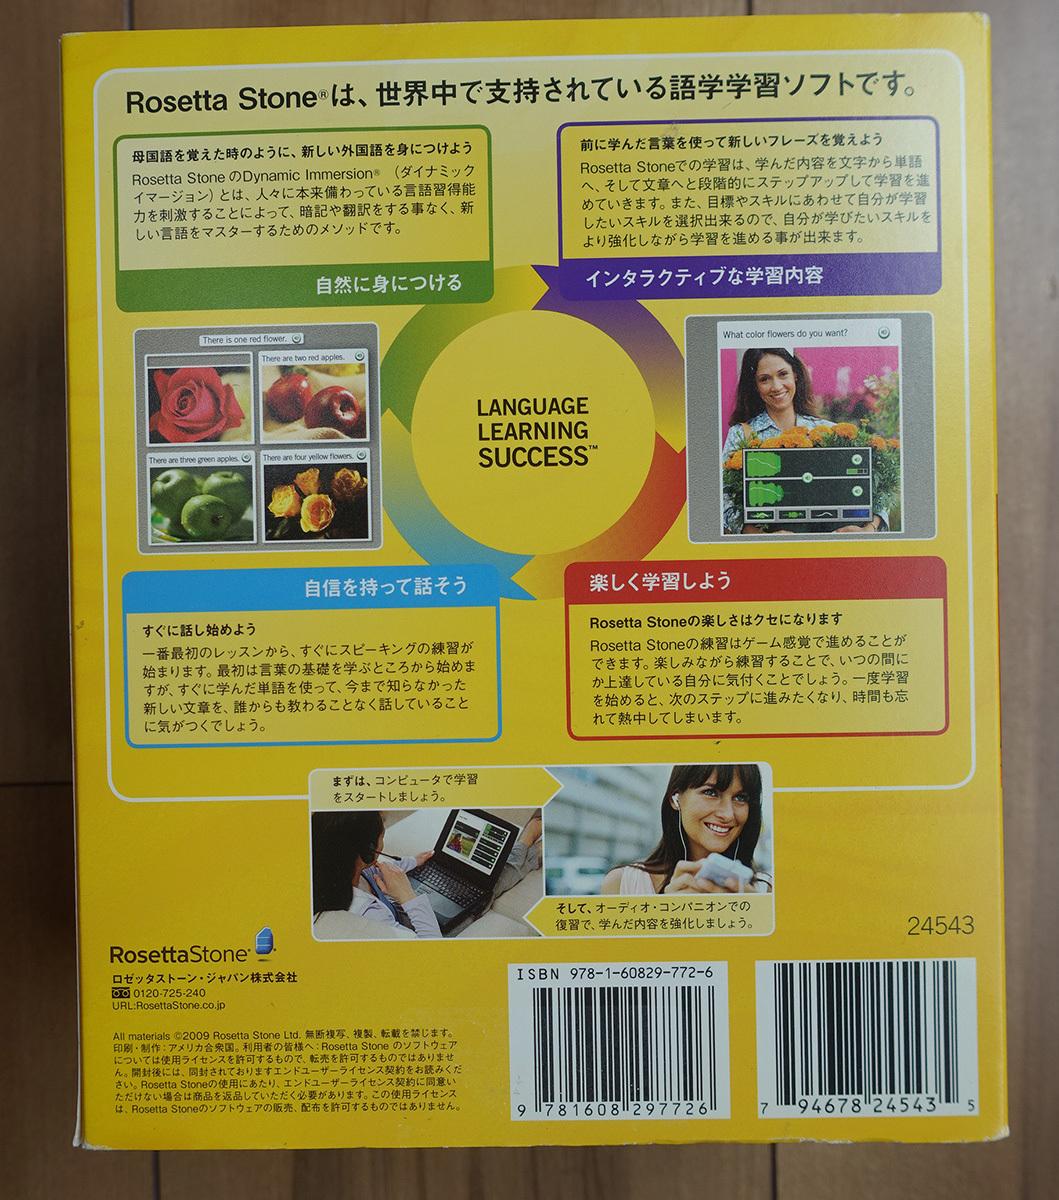 【即決・読込確認済・送料無料】ロゼッタ ストーン 英会話 Version 3、レベル 1~4 Learn English: Rosetta Stone English Level 1~4 _画像6